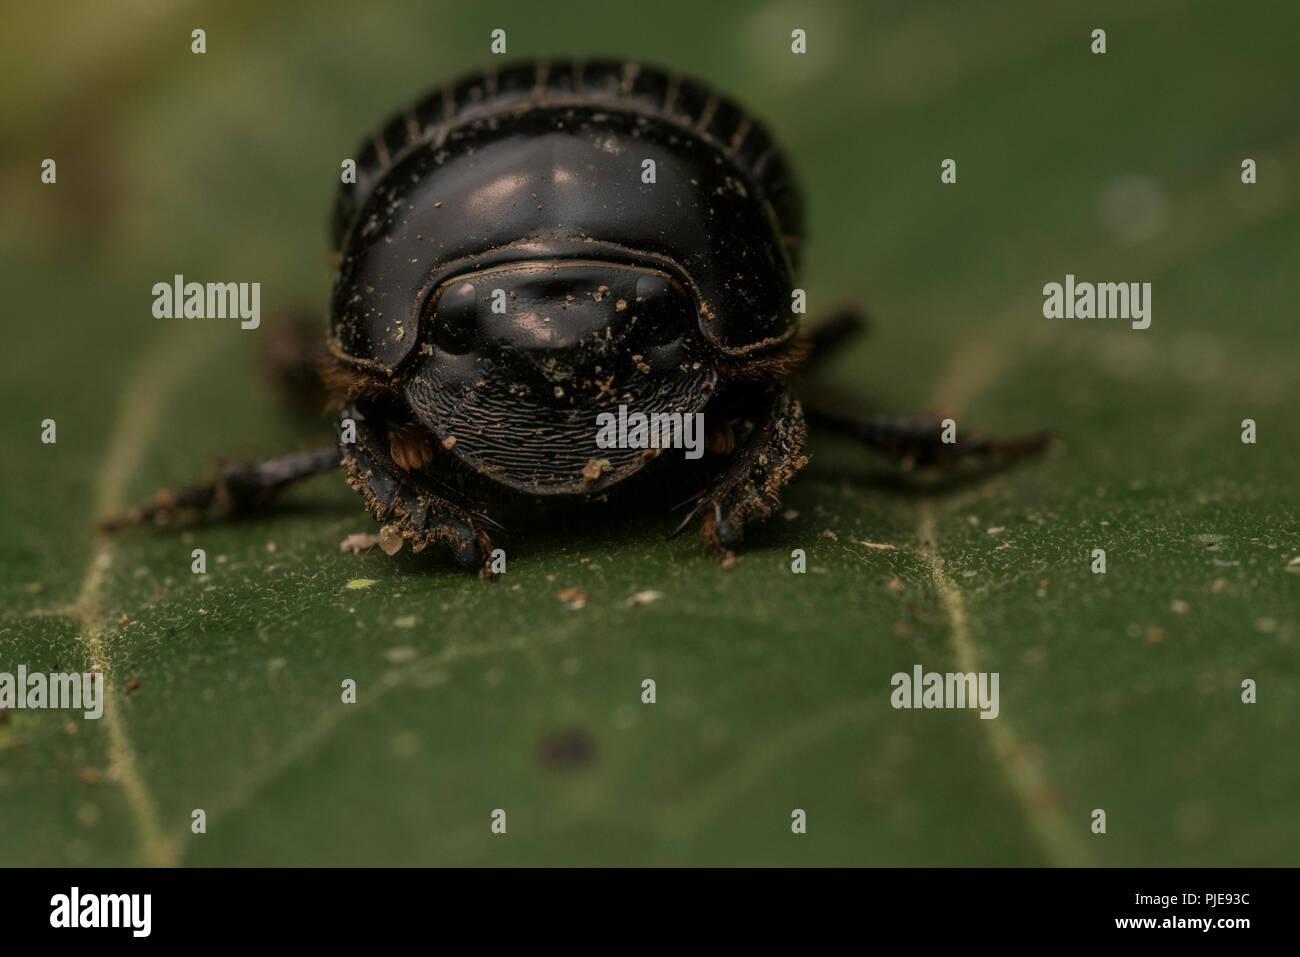 Un dung beetle dalla foresta amazzonica, fotografato in Perù meridionale. Immagini Stock